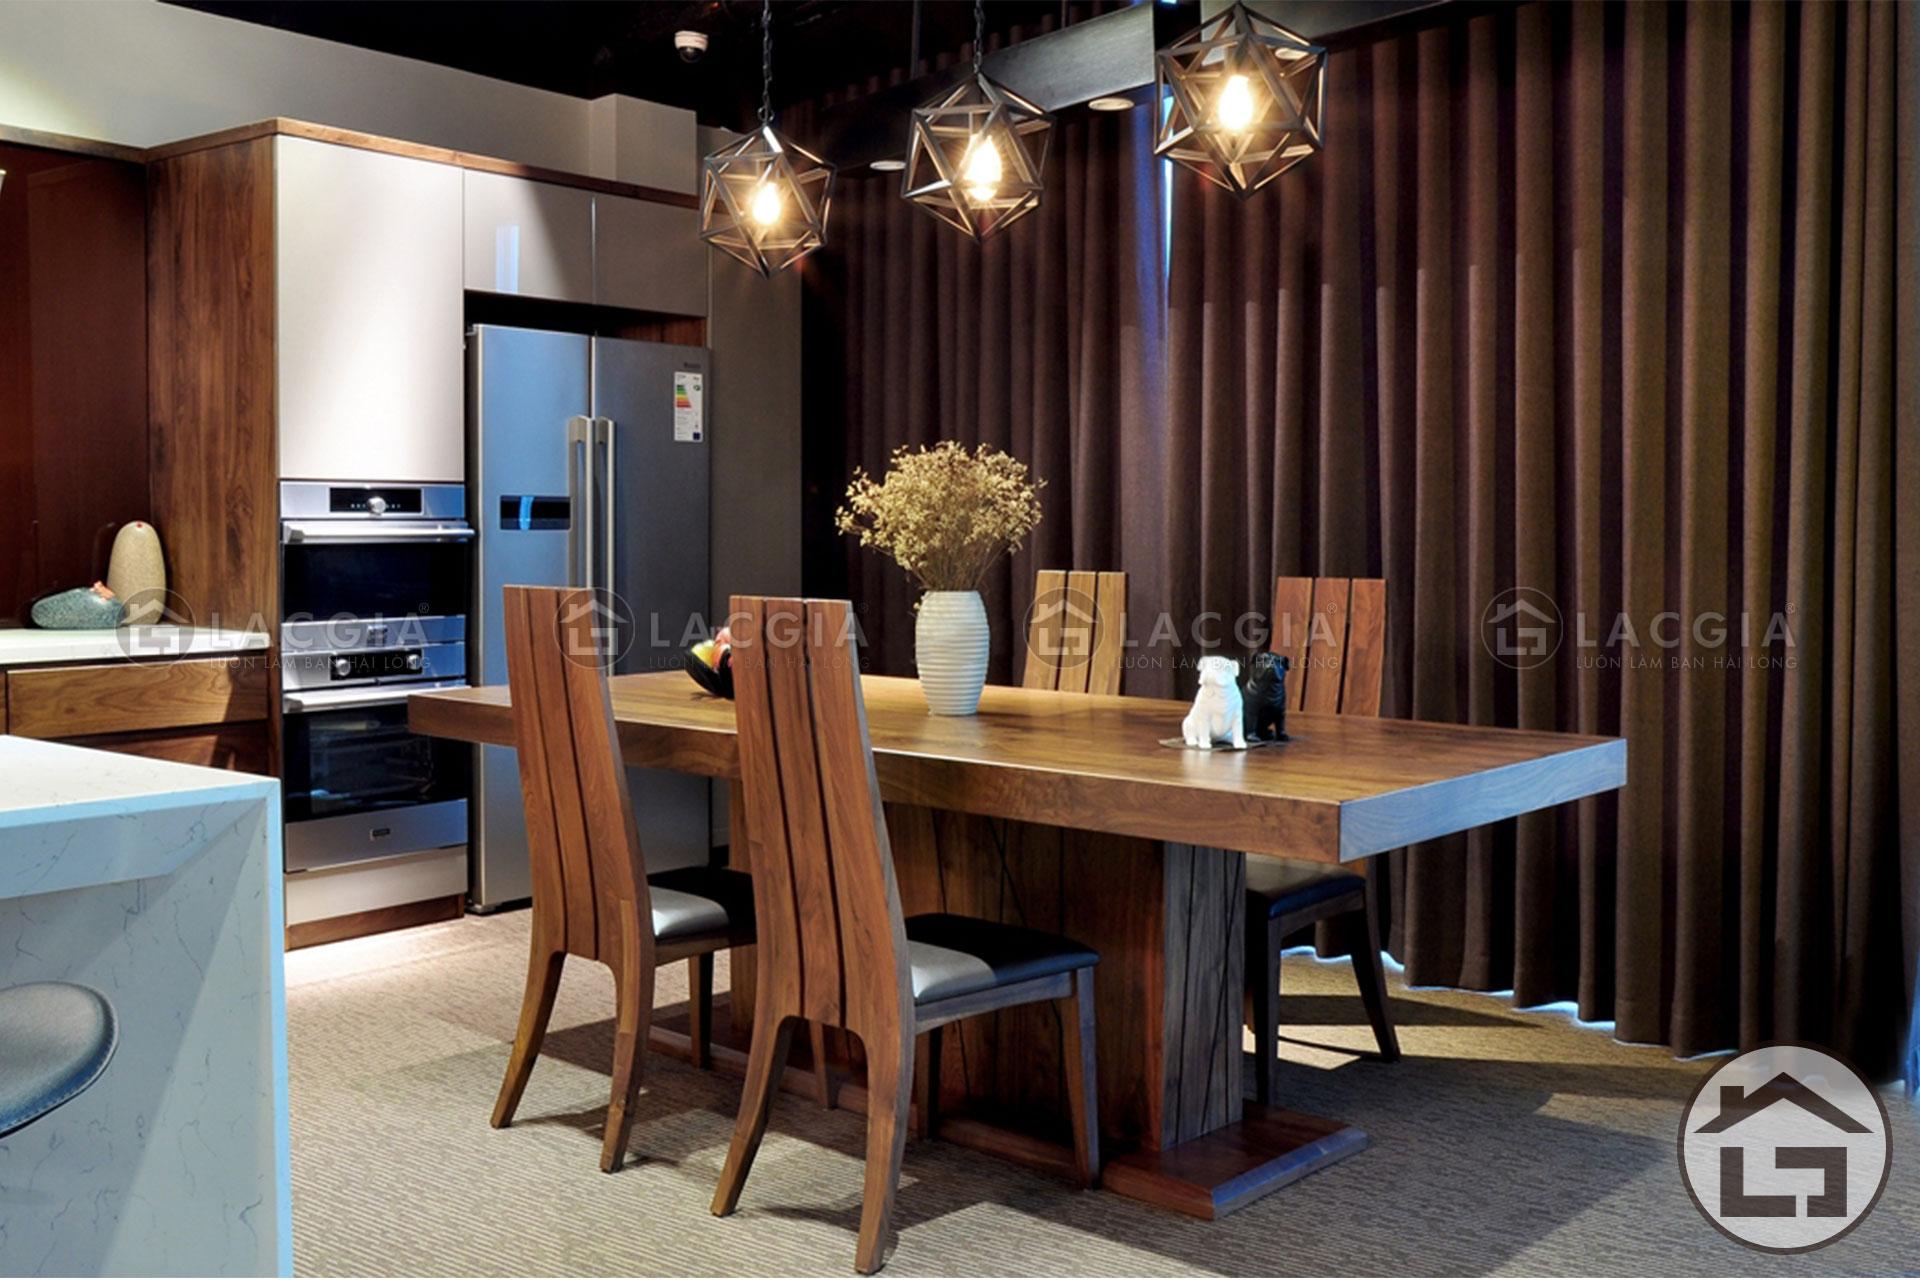 Nên chọn bàn ăn gỗ công nghiệp hay bàn ăn gỗ tự nhiên cho phòng bếp - Ảnh 7